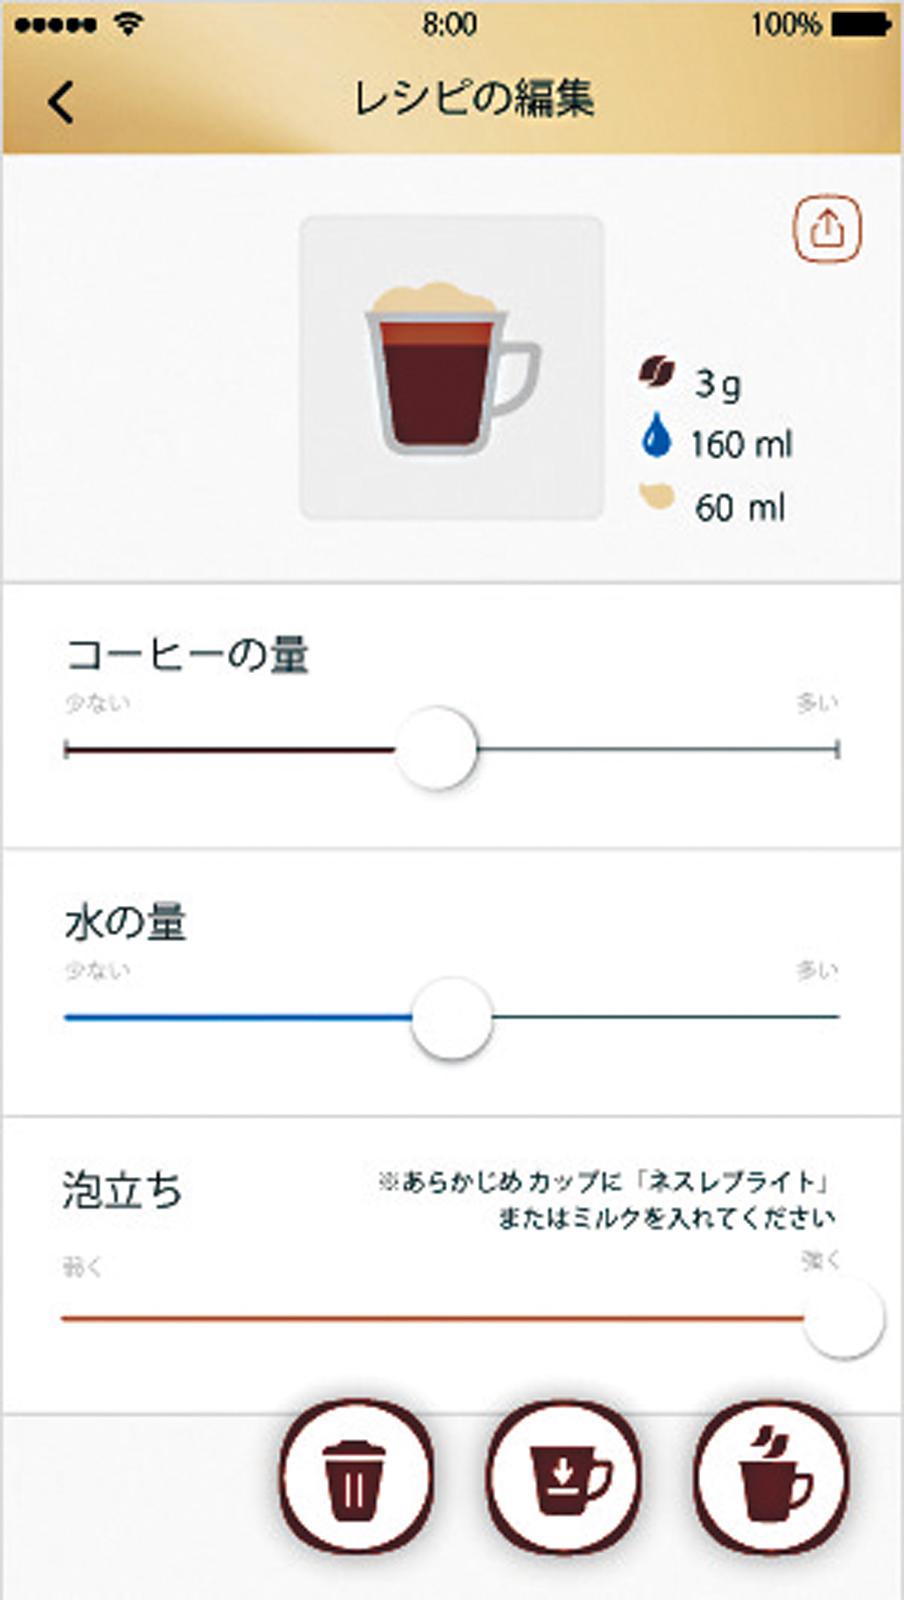 ↑ コーヒーの量、水の量、泡立ての加減を細かく設定可能。抽出時刻の予約も行える